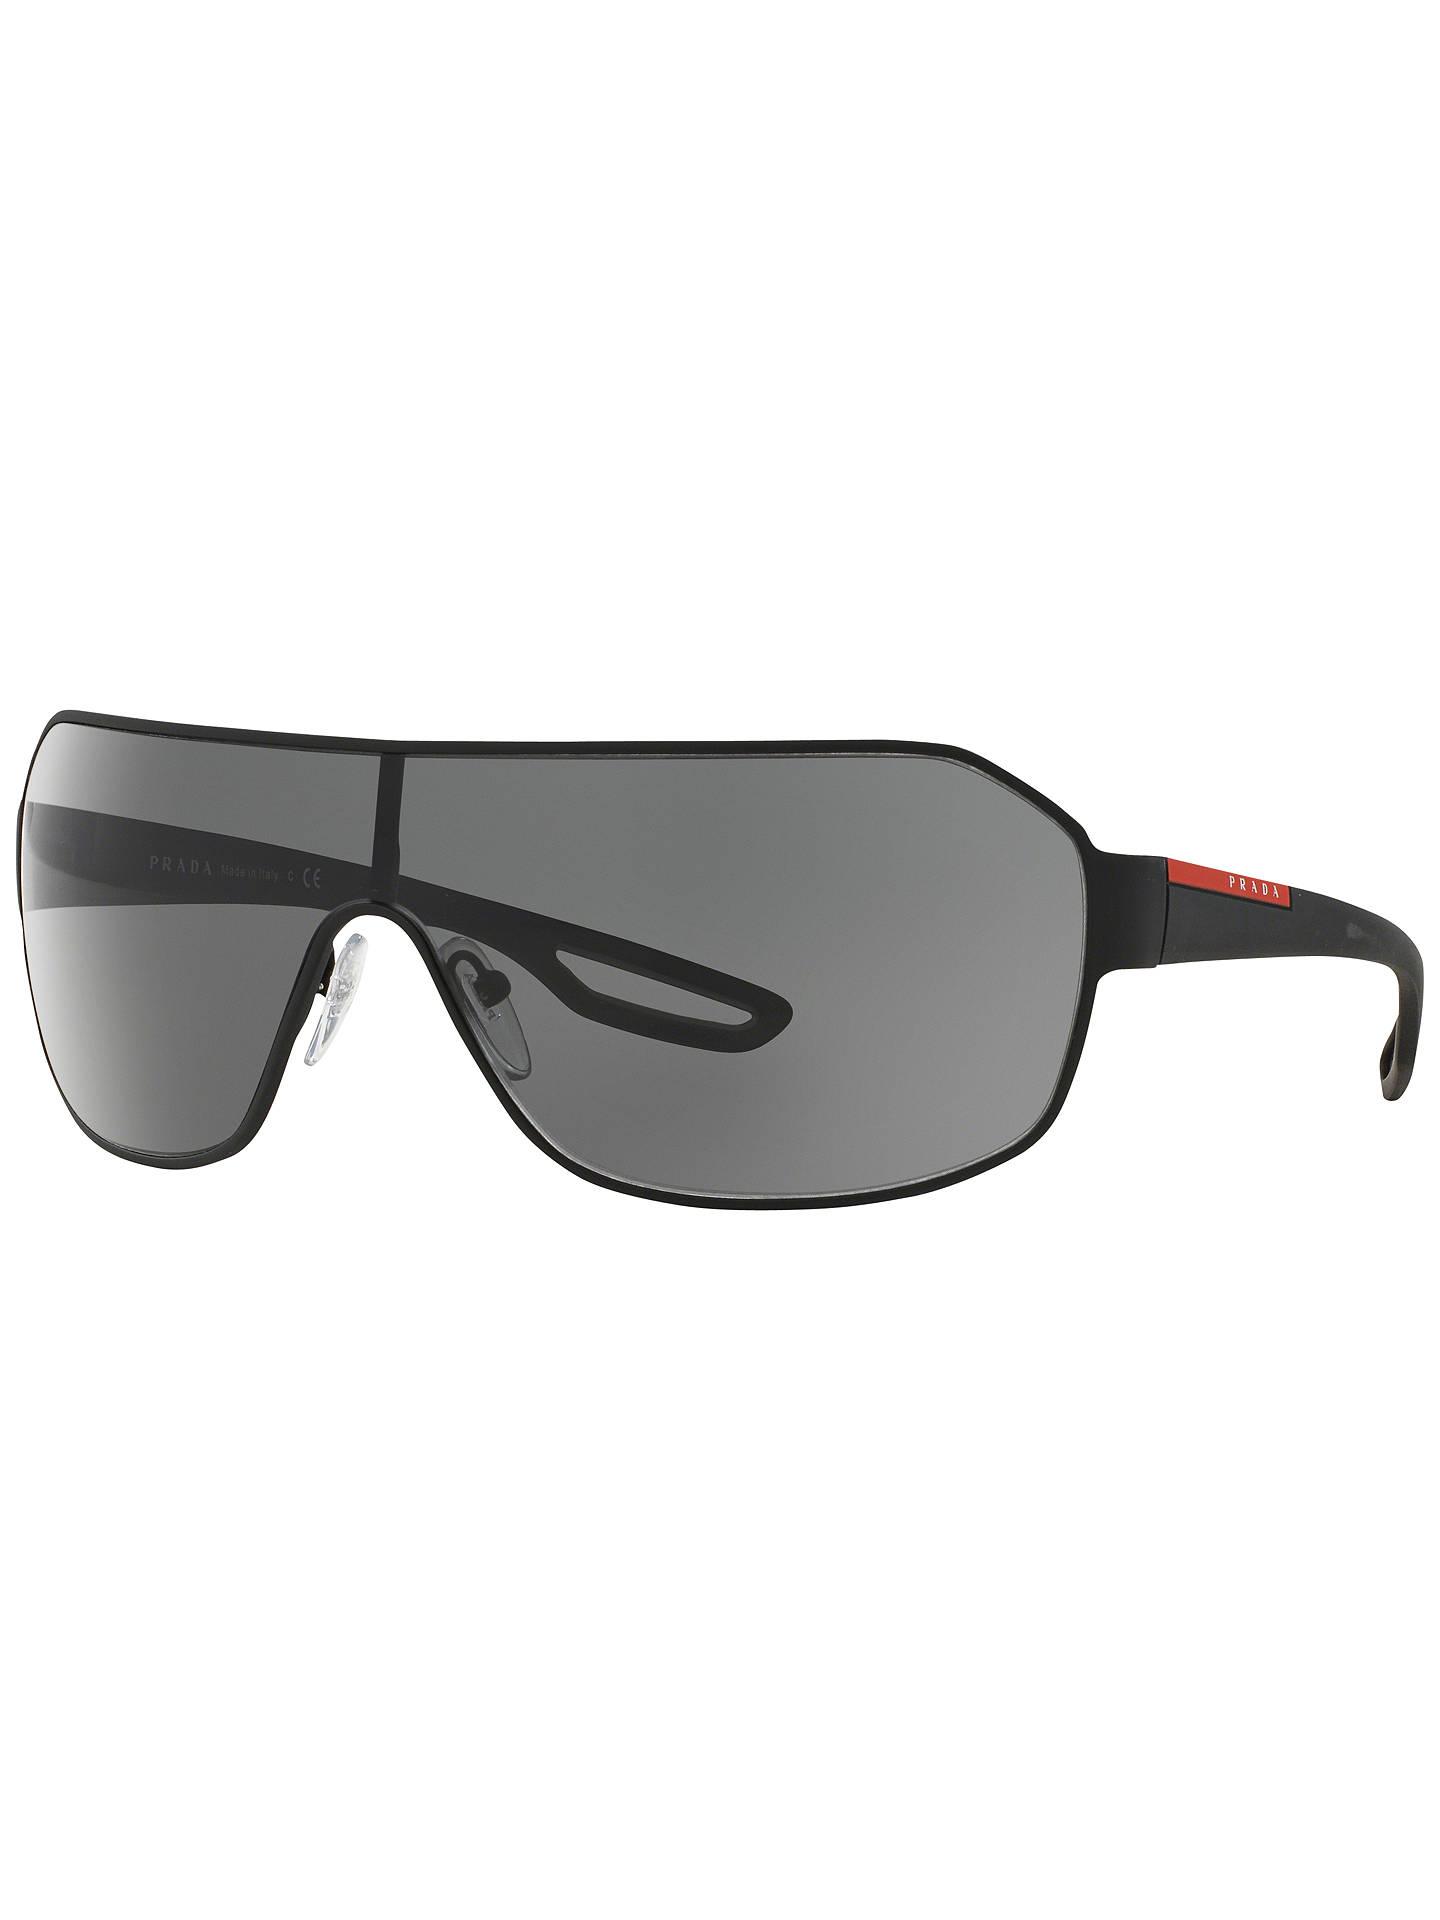 eeda6577d489 Buy Prada Linea Rossa PS 52QS Wraparound Sunglasses